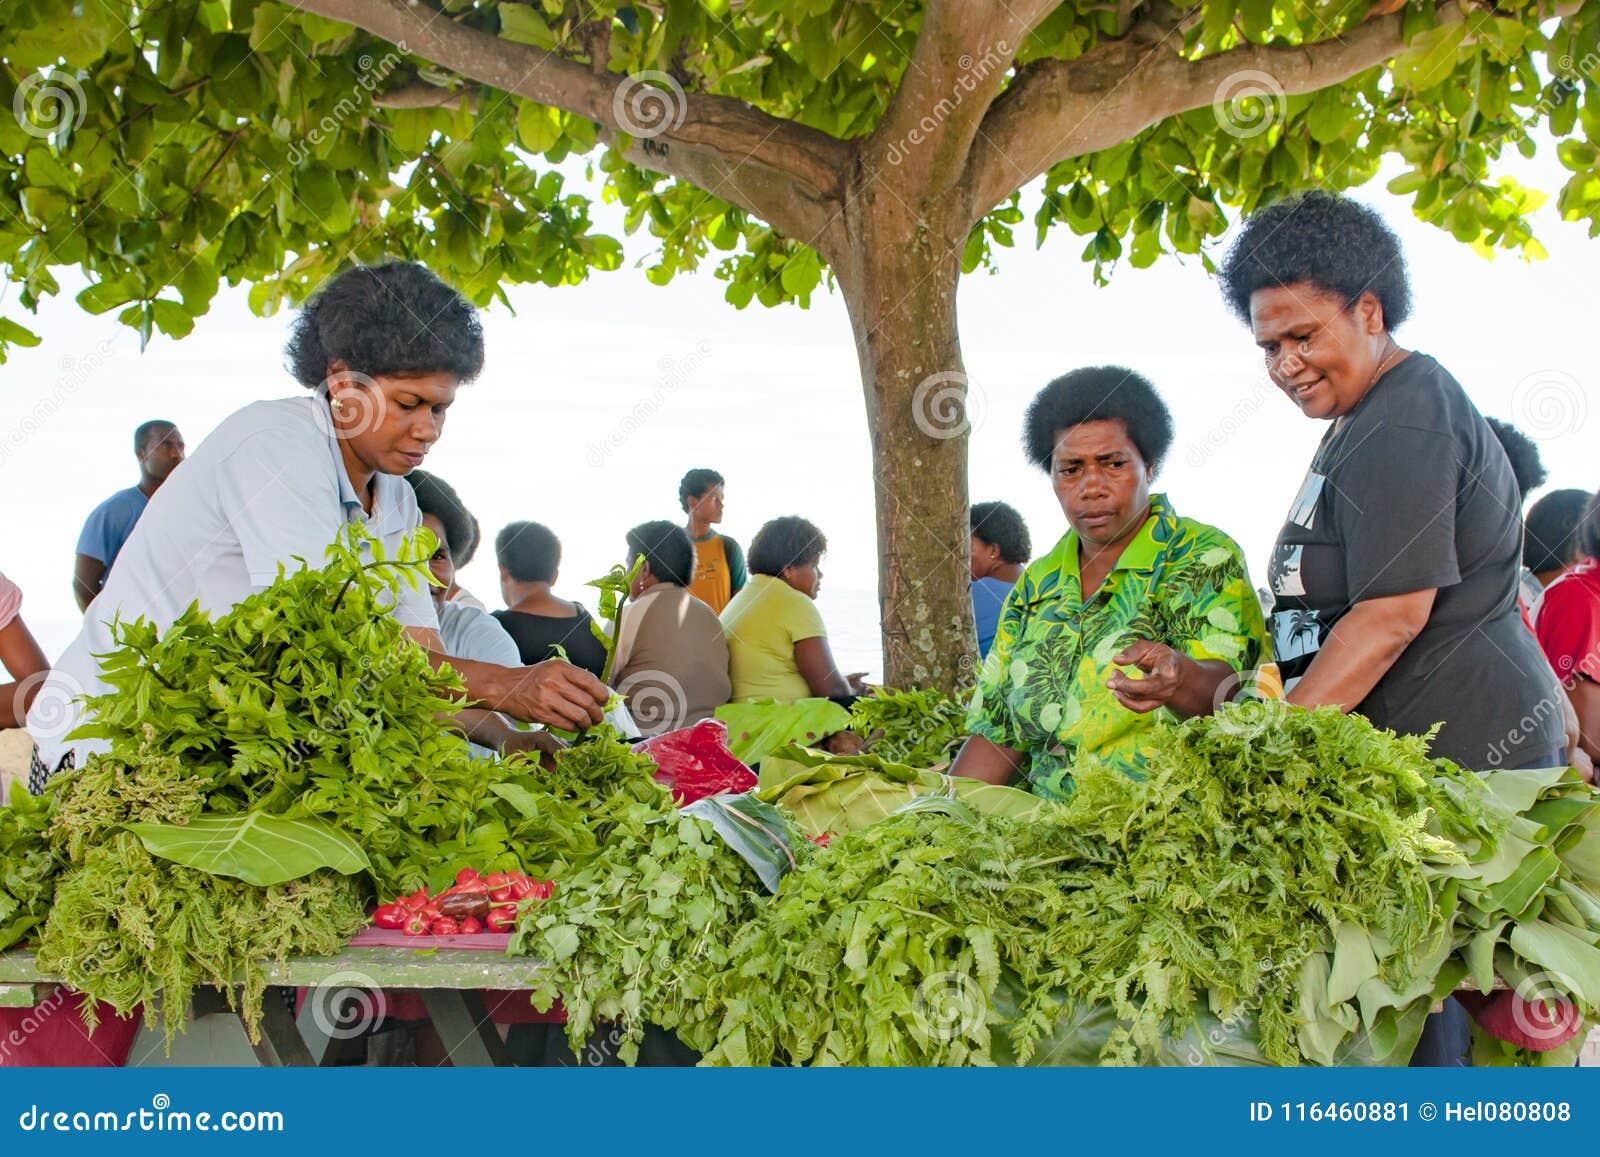 Nya grön sallad och grönsaker i skugga av sidor av ett träd på tropisk marknad på ön i Stilla havet